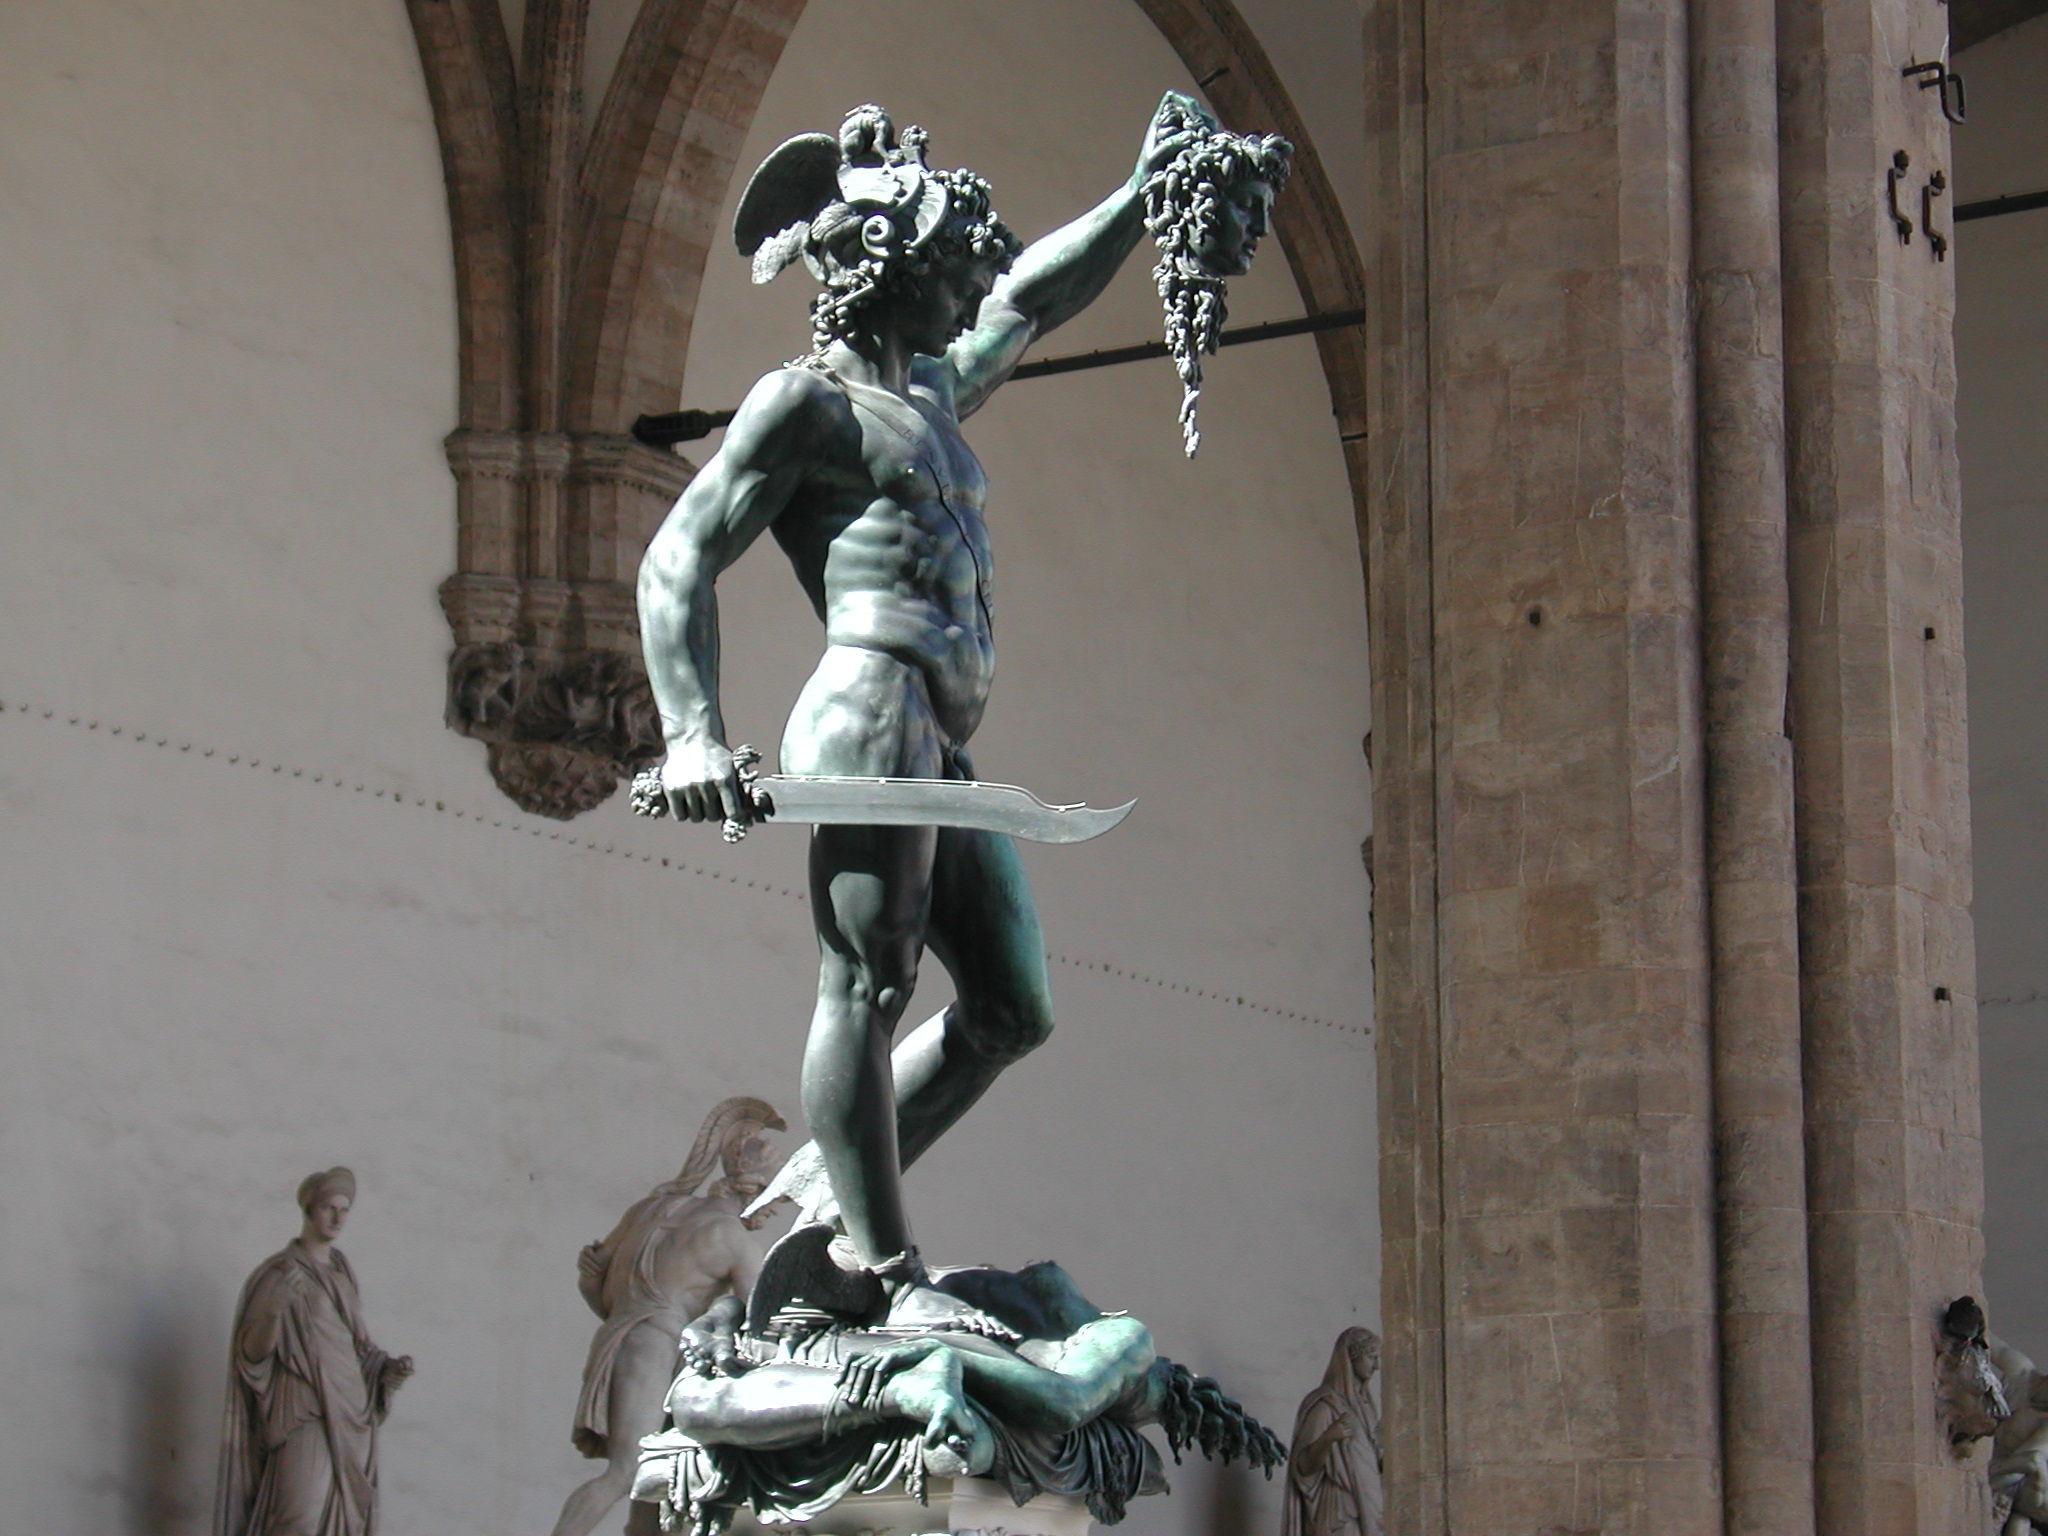 Penúltima, tu puedes: ¿Cúal de estos héroes no es hijo de Zeus?